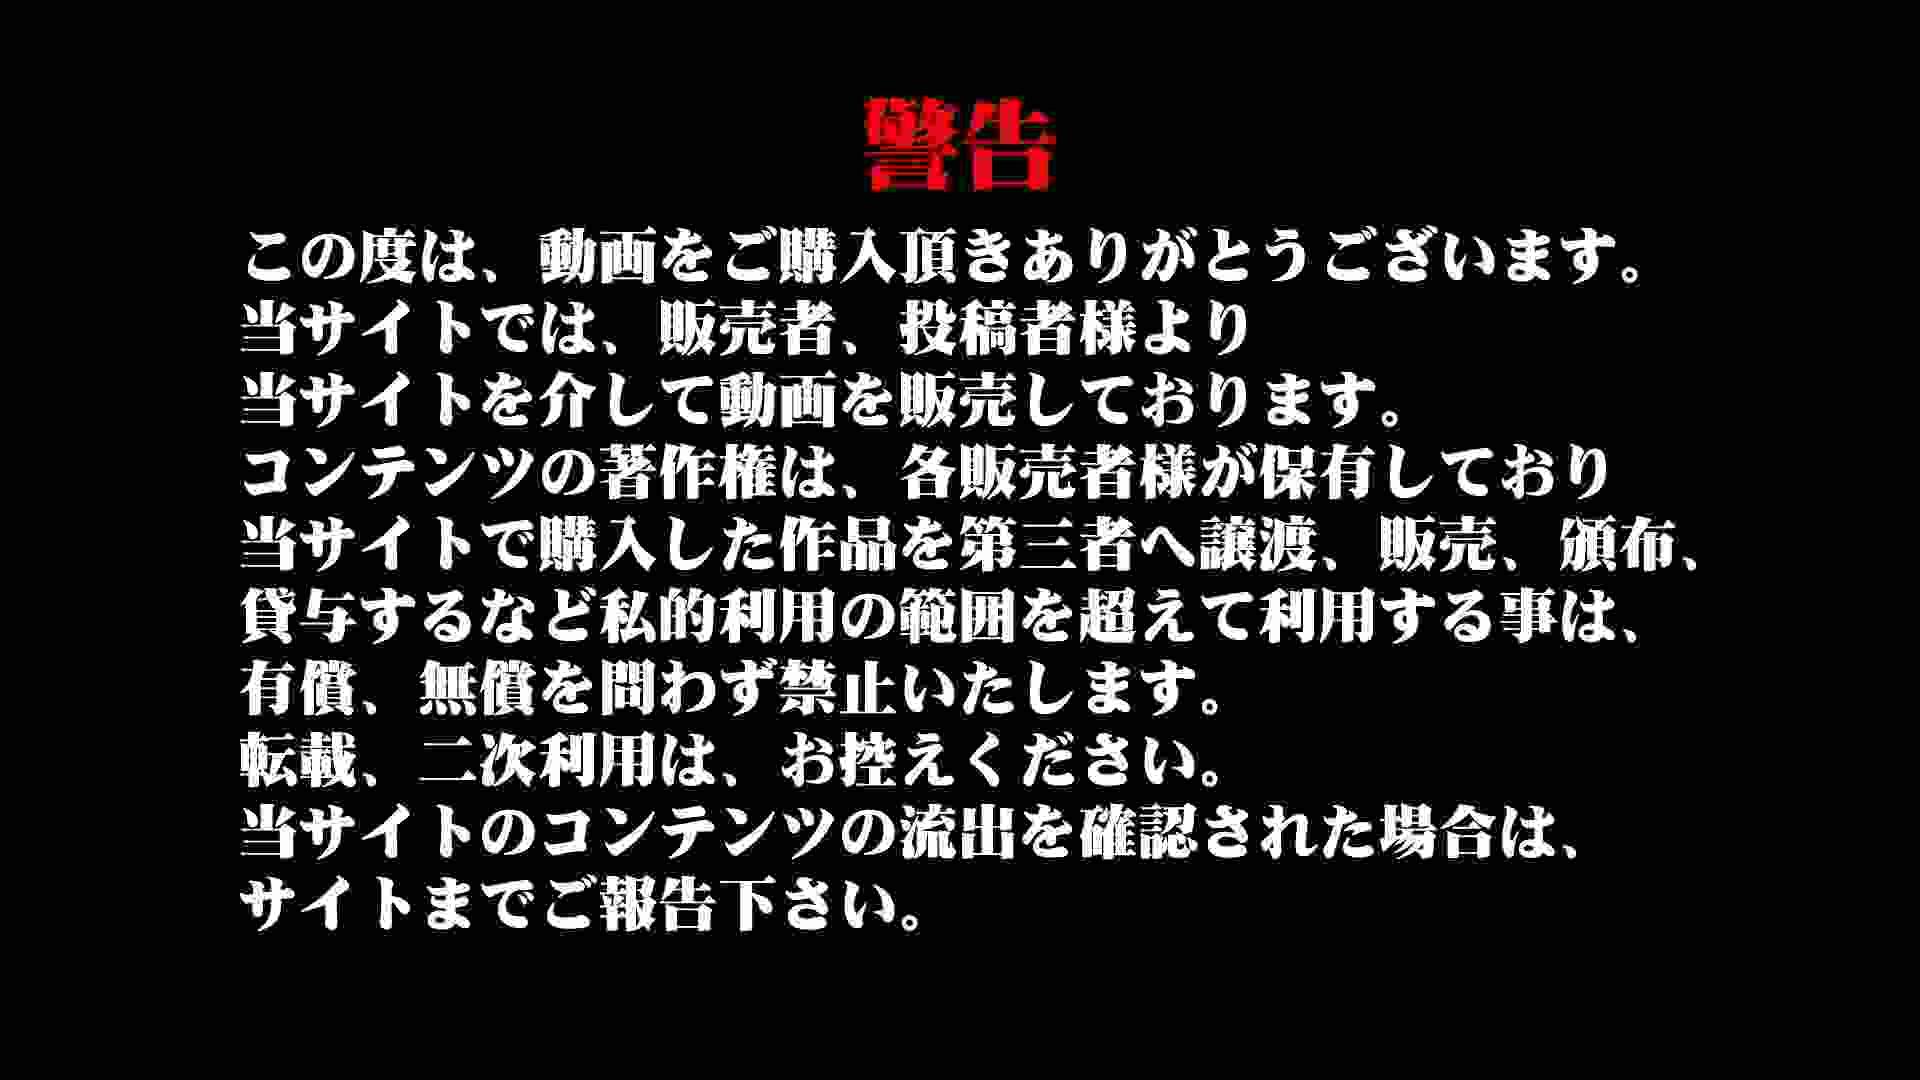 Aquaな露天風呂Vol.889 露天風呂  10枚 2